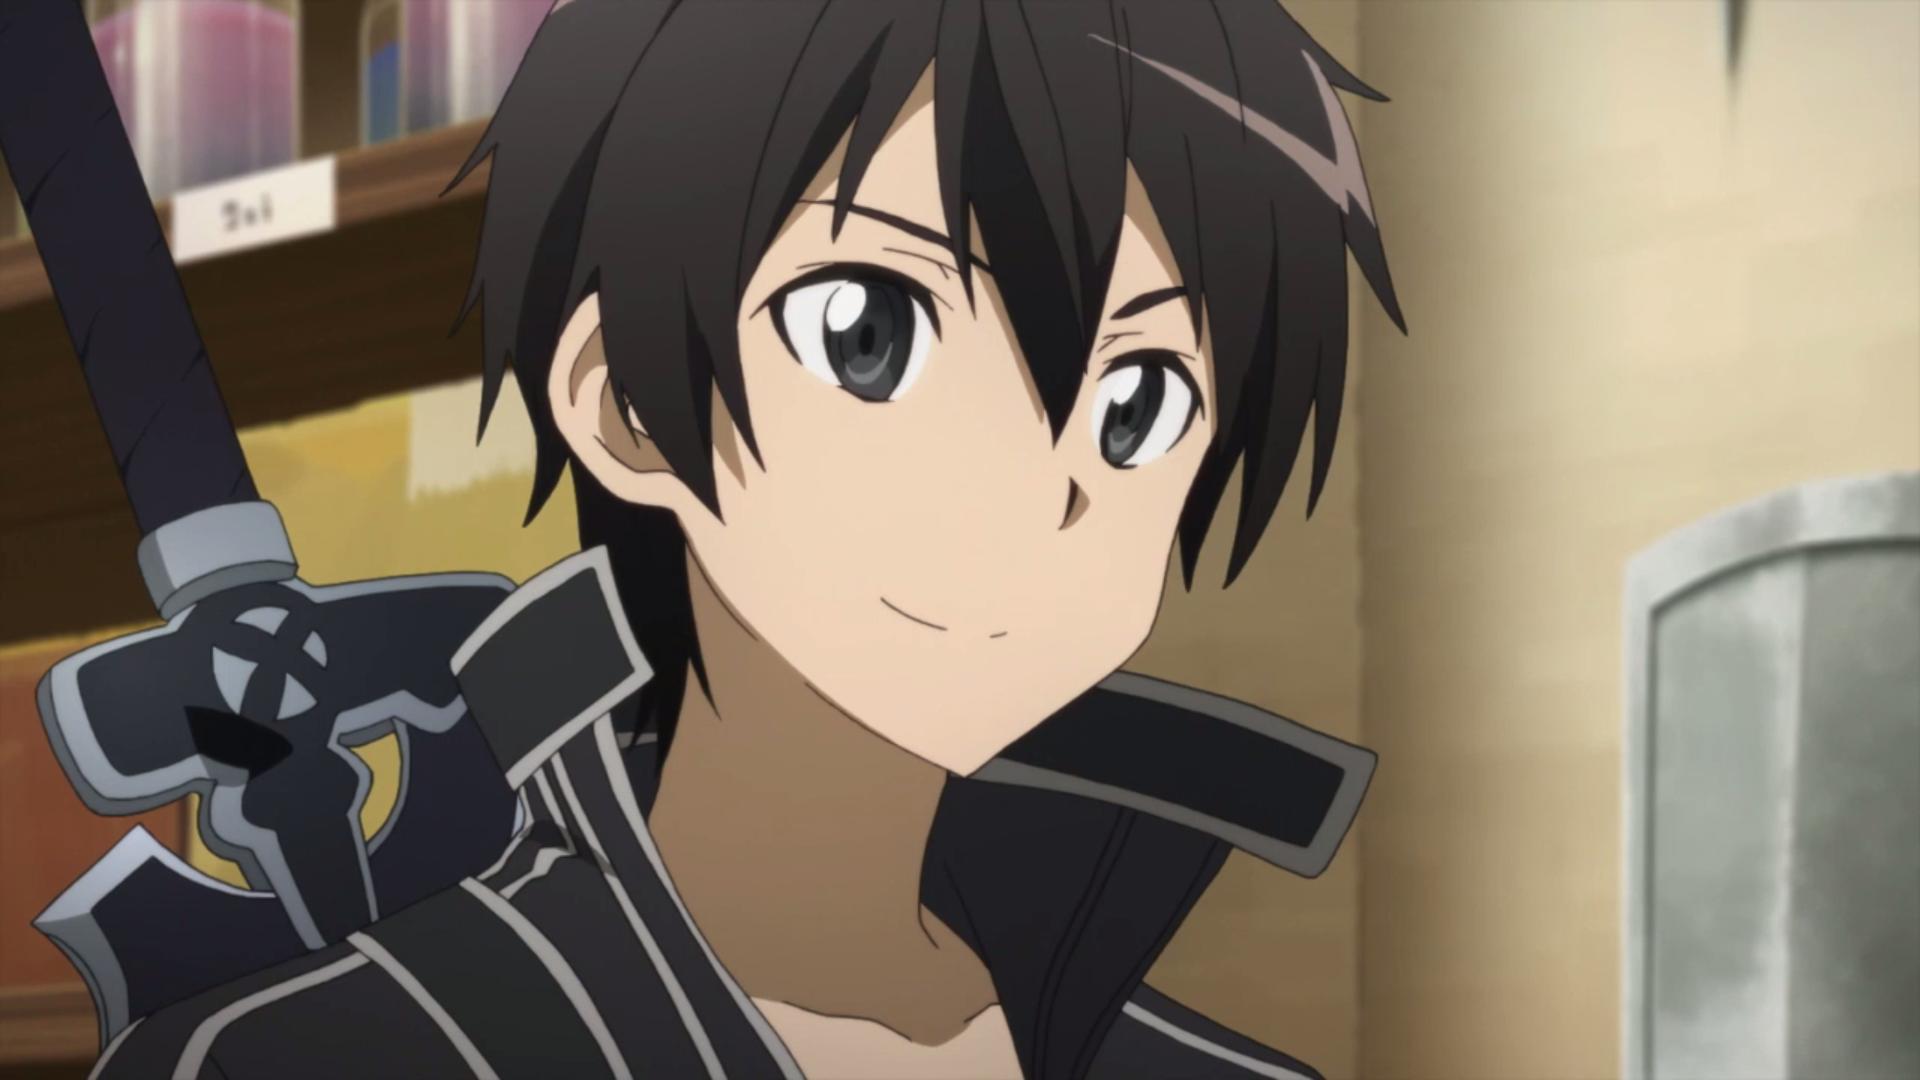 Hình ảnh thánh Kirito cực đẹp đang mỉm cười